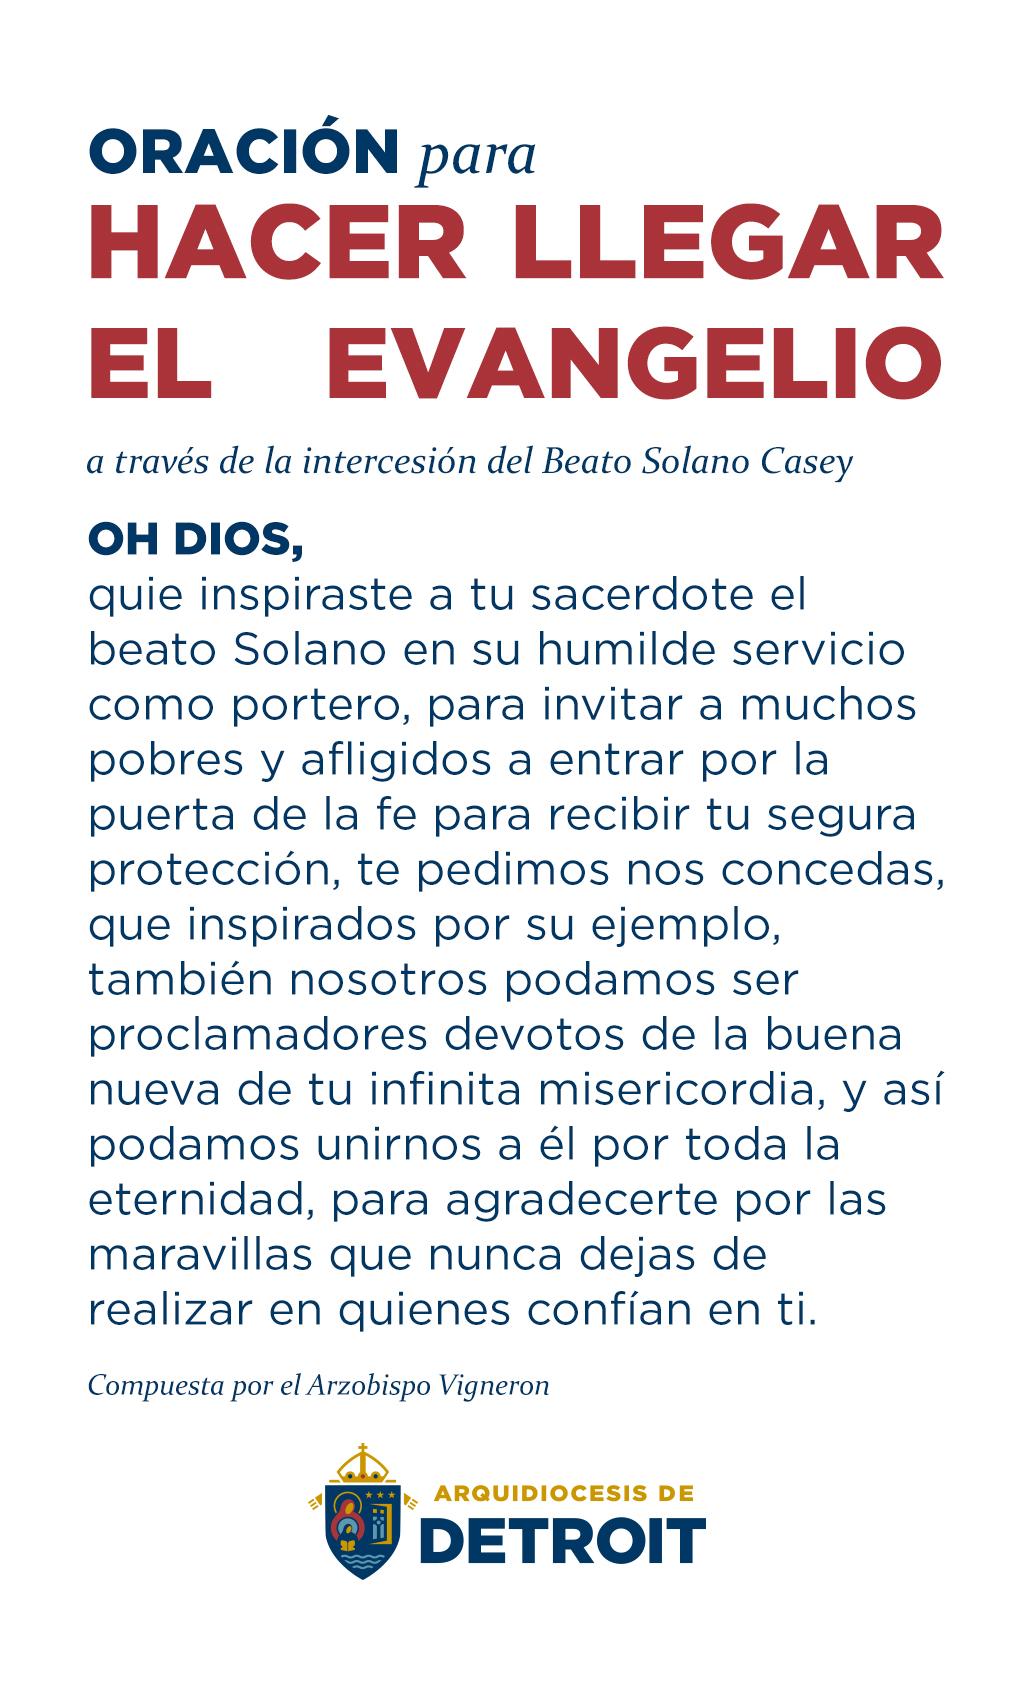 Oración para hacer llegar el evangelio a través de la intercesión del Beato Solano Casey